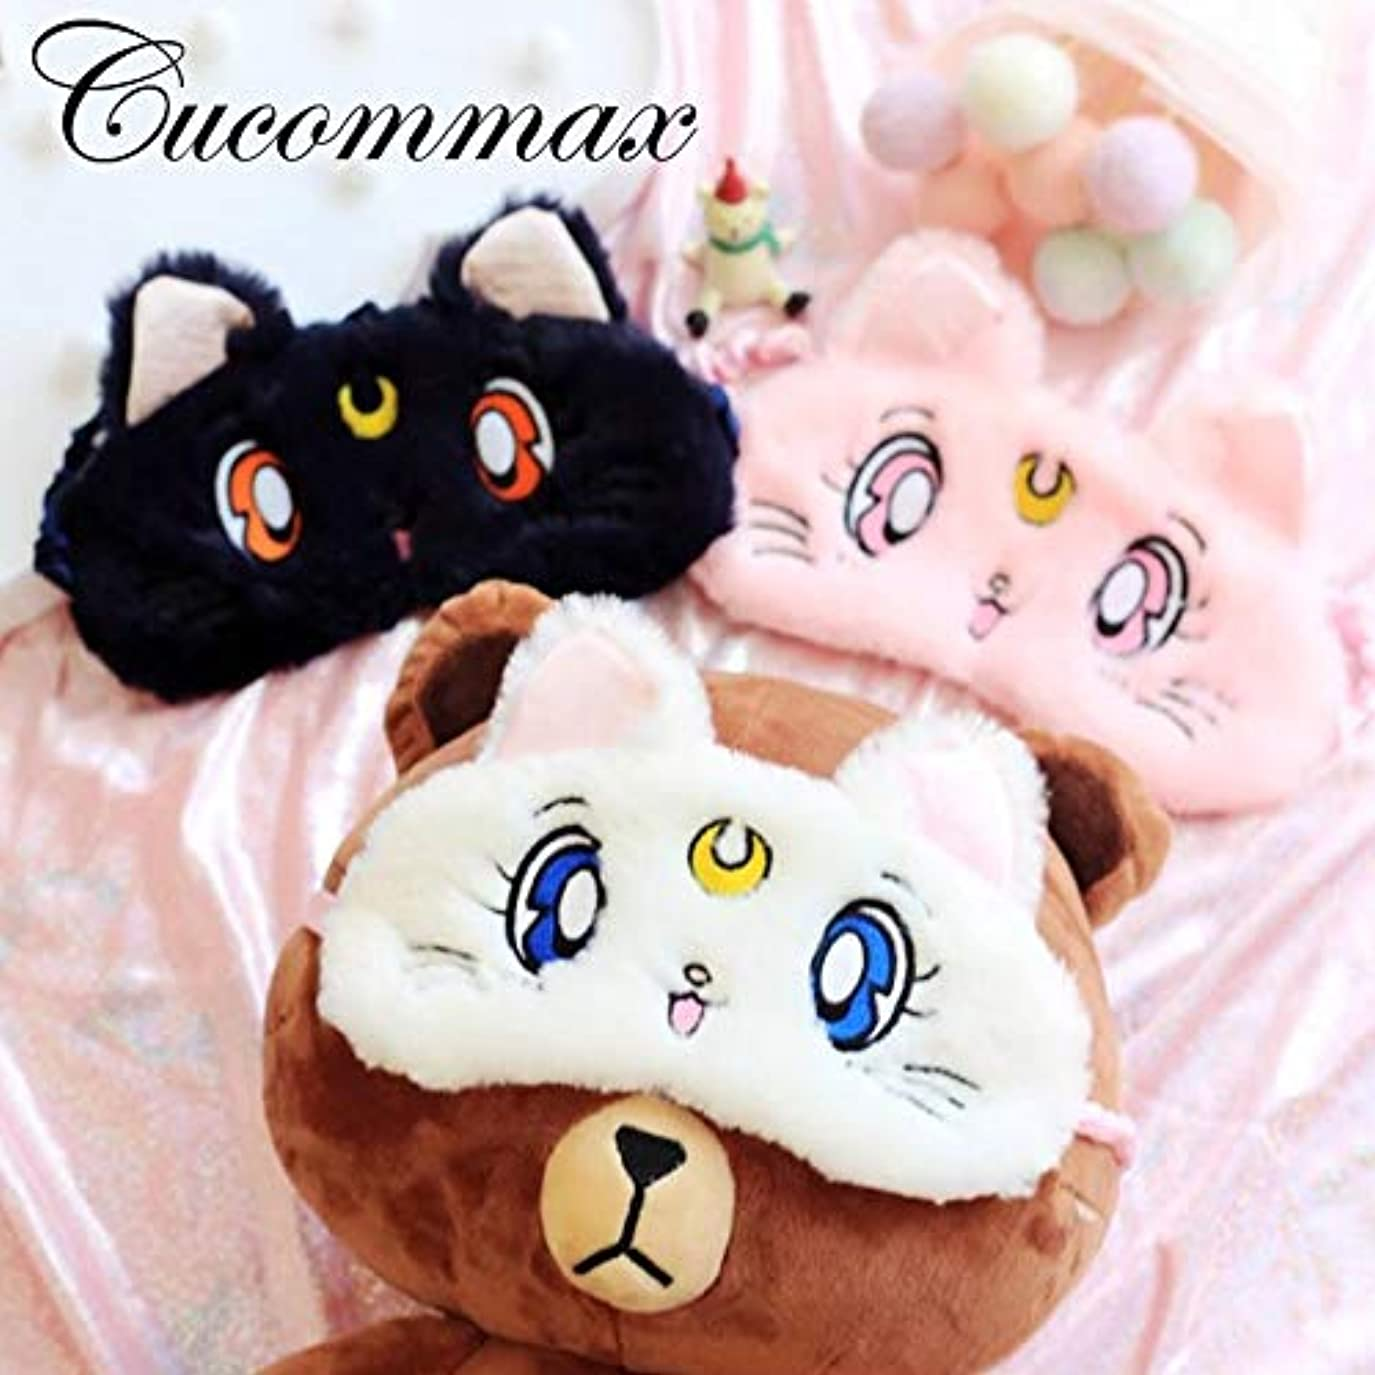 離す独占コード注Cucommax 1ピースかわいい猫リラックスアイスまたはホット圧縮アイシェード睡眠マスクブラックマスク包帯用睡眠 - MSK 58